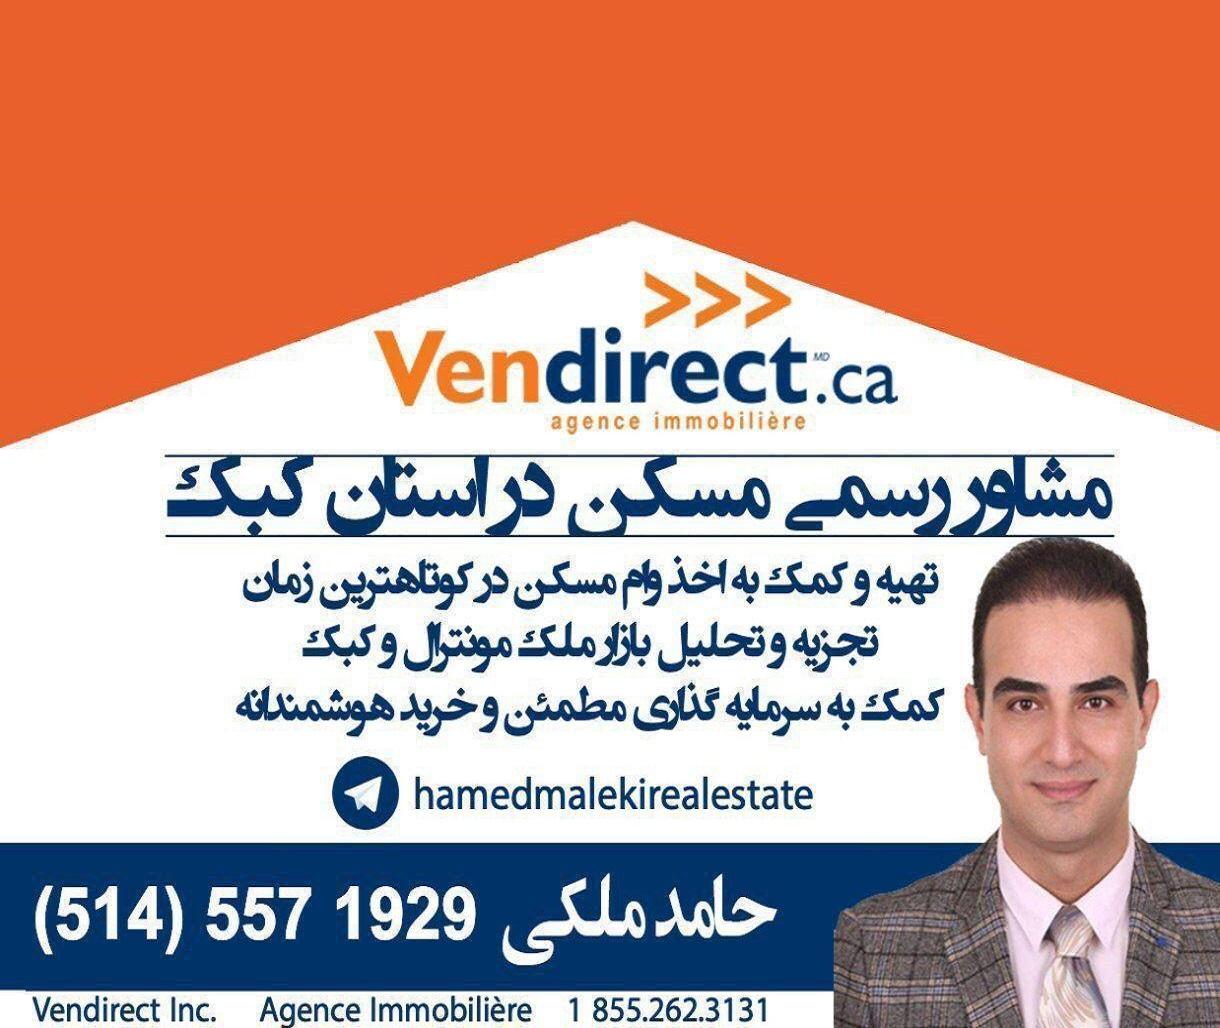 Hamed-Maleki-2.jpg